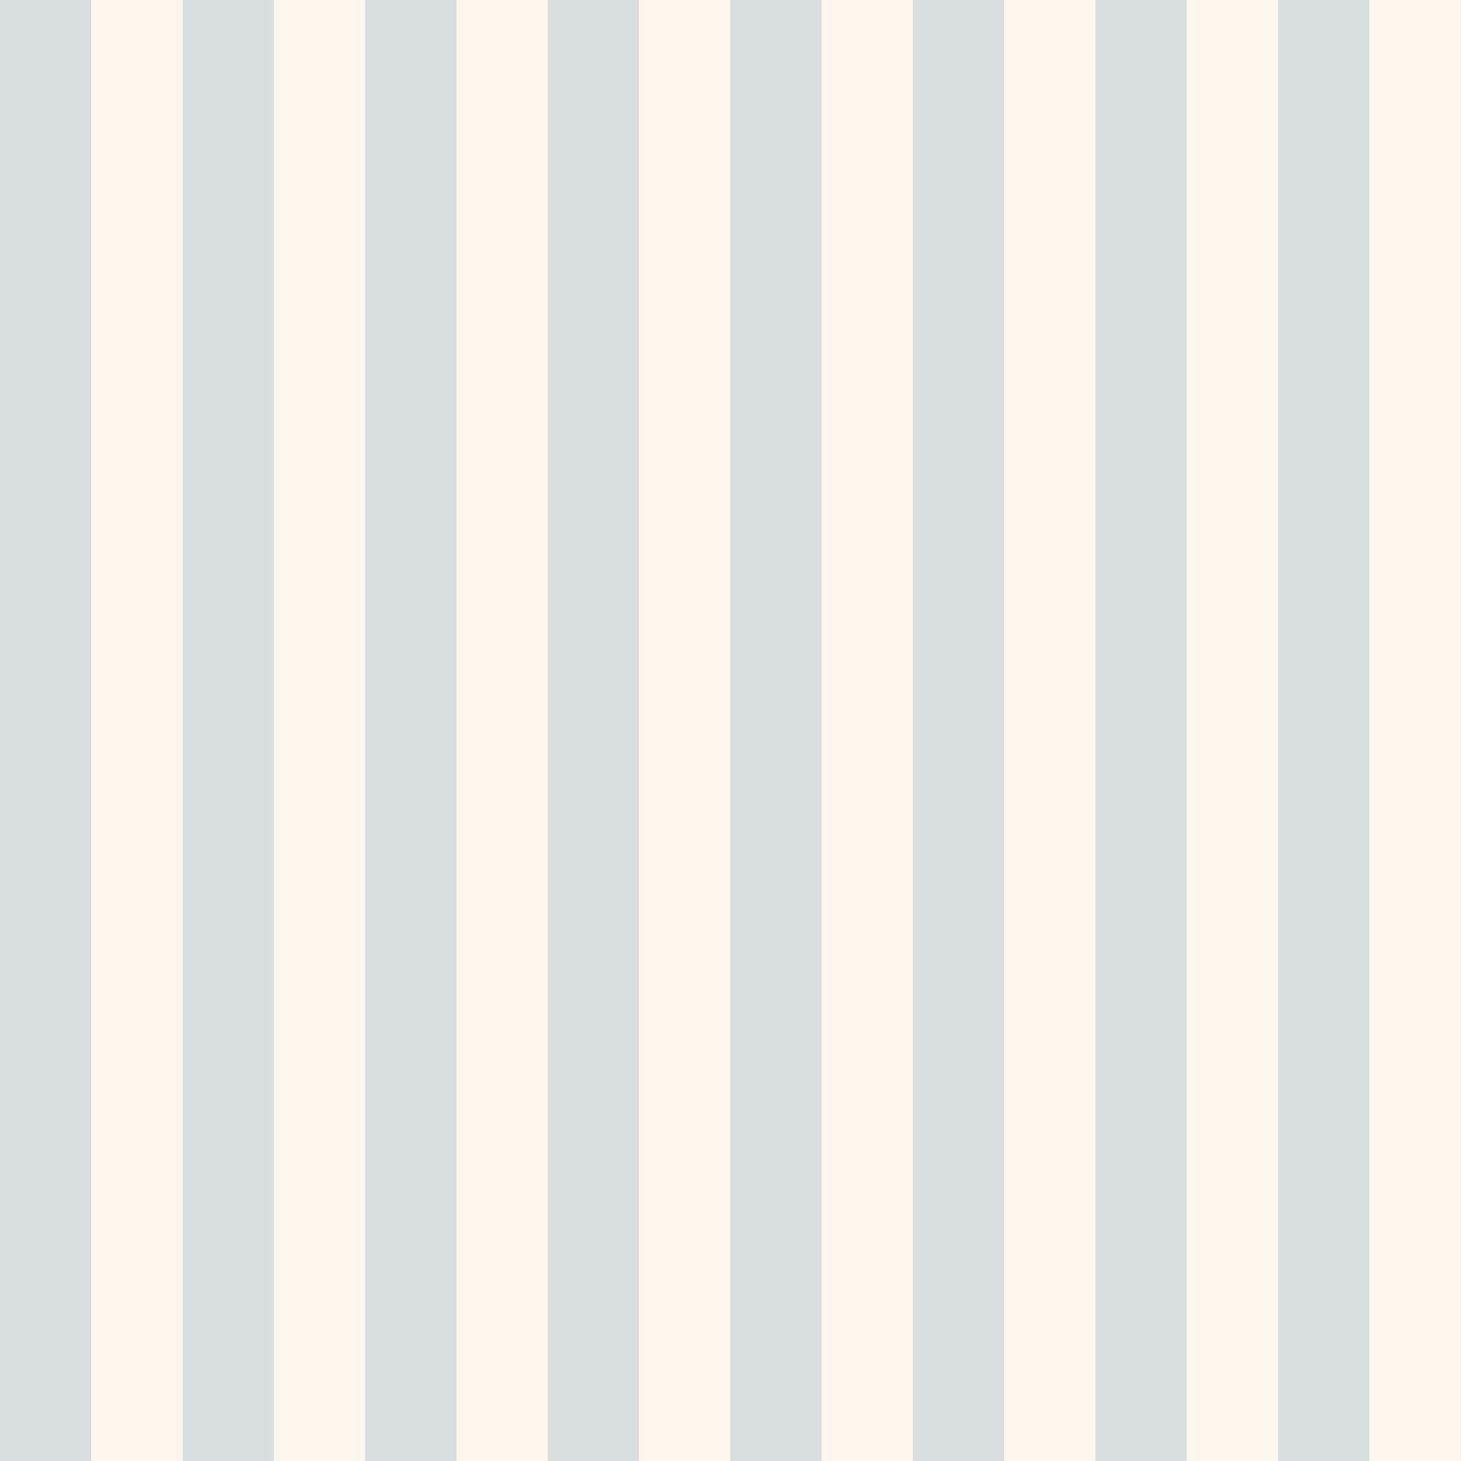 Essener Tapete Simply Stripes 3 St36900 Light bluee Vinyl Wallpaper